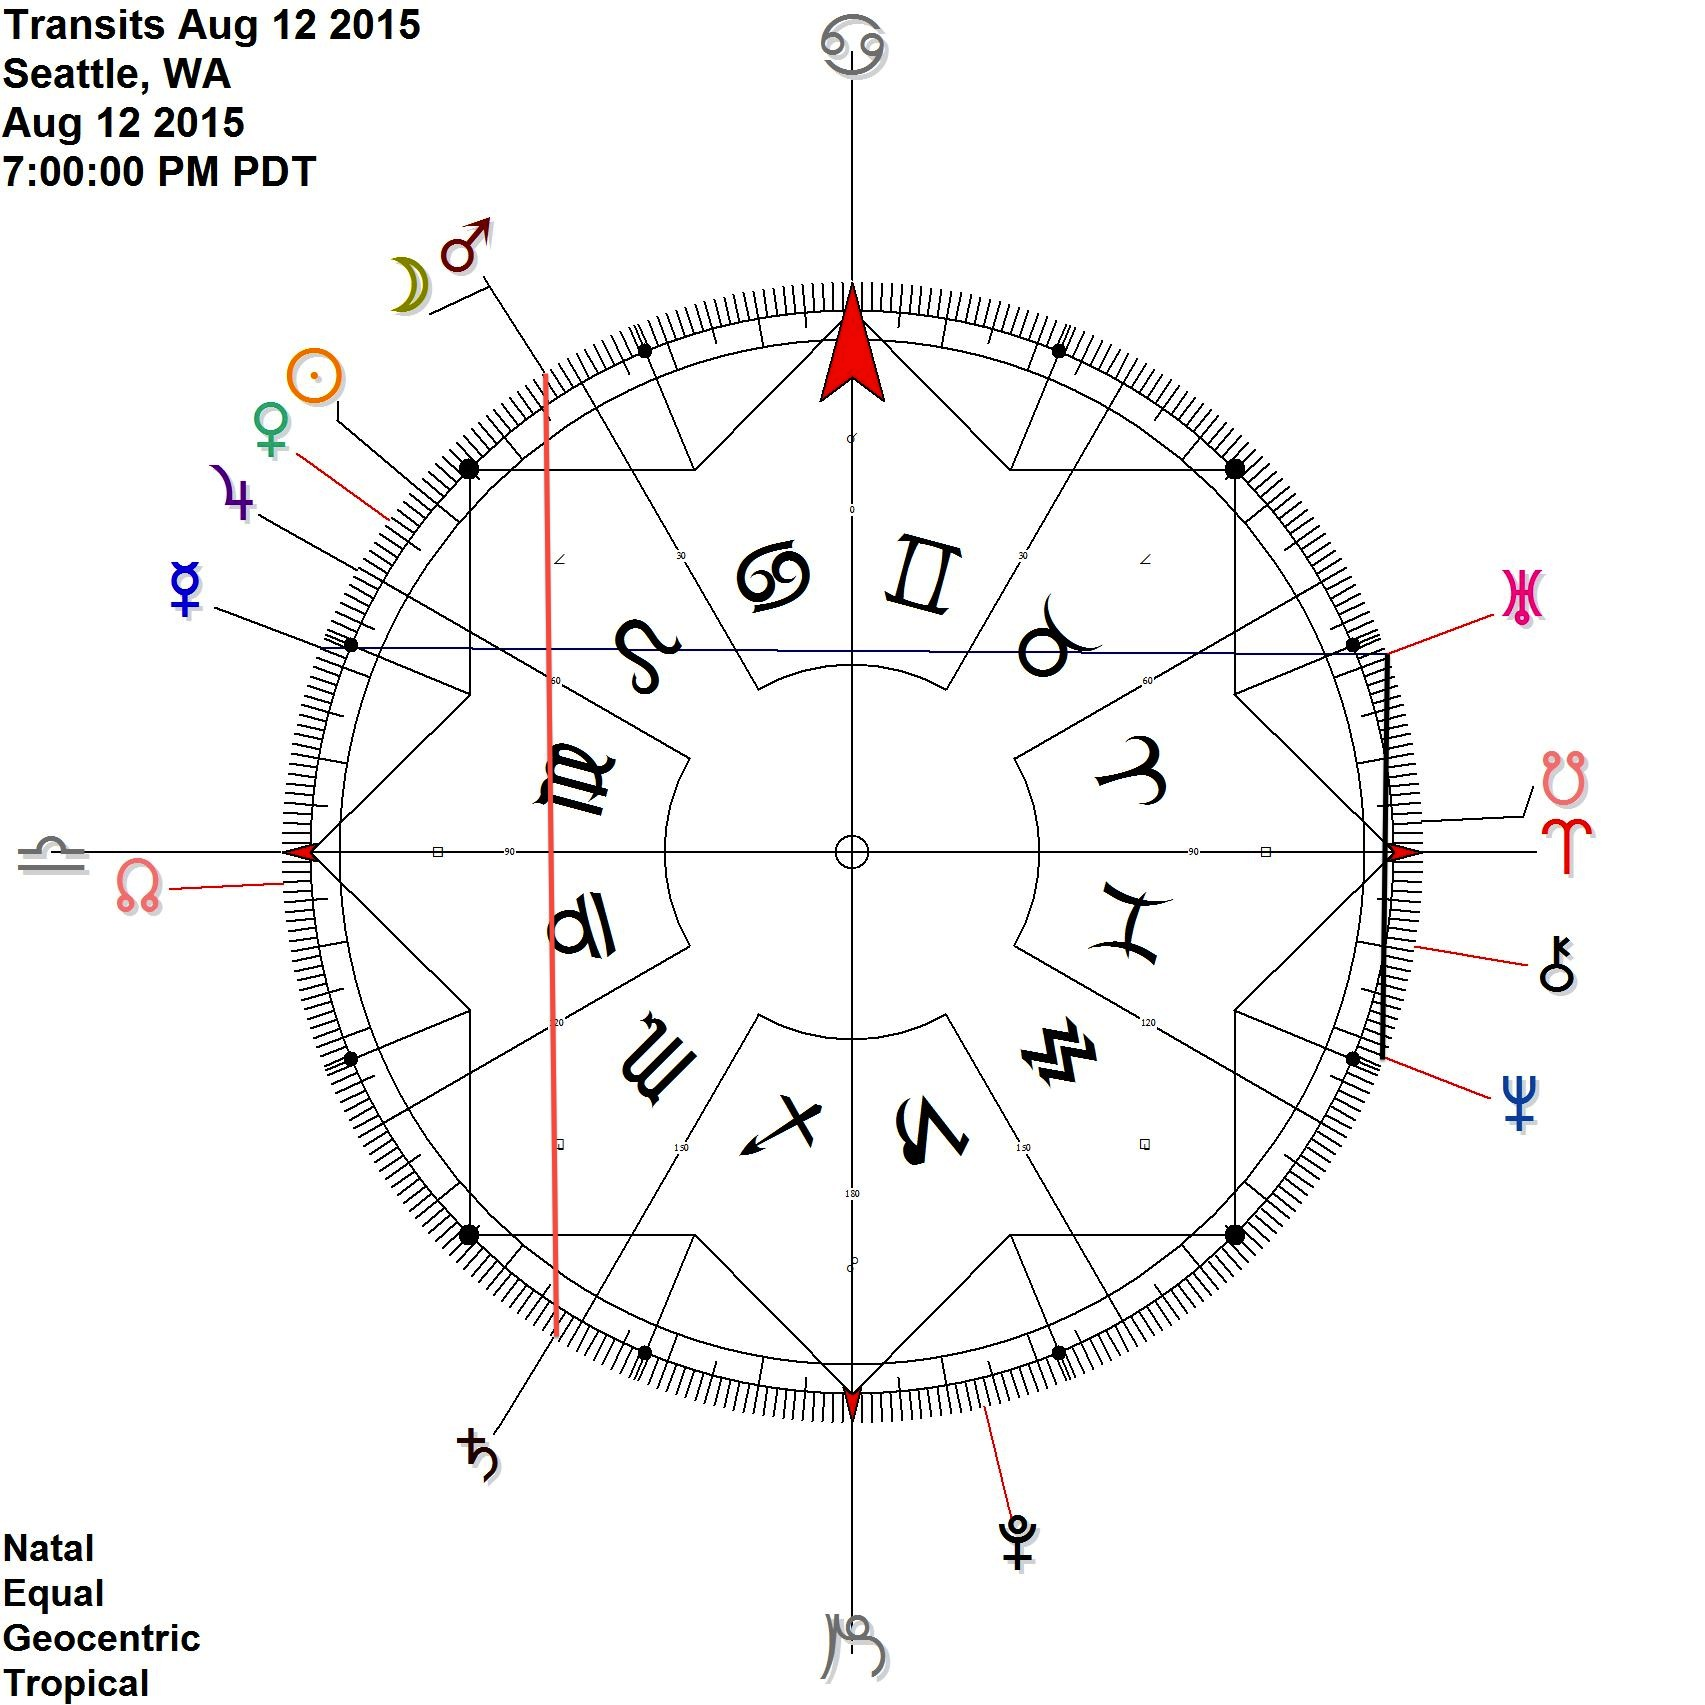 Mars Saturn contra-antiscia activated by the Moon + Uranus Neptune + Mercury Uranus (= Mercury Neptune Opposition)